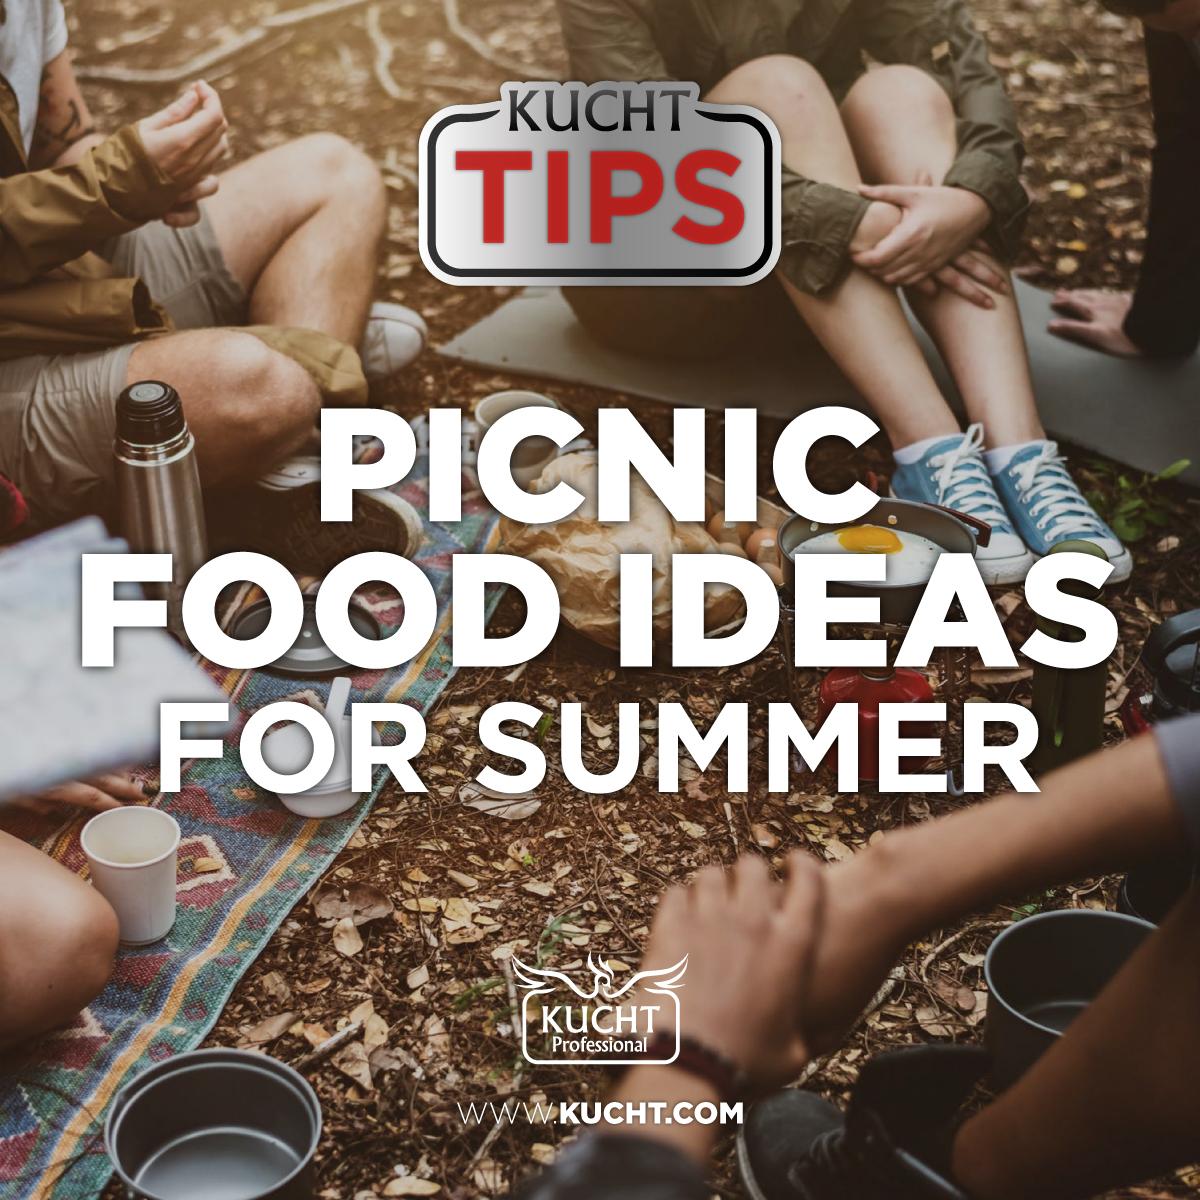 picnic ideas 01 - RECIPES